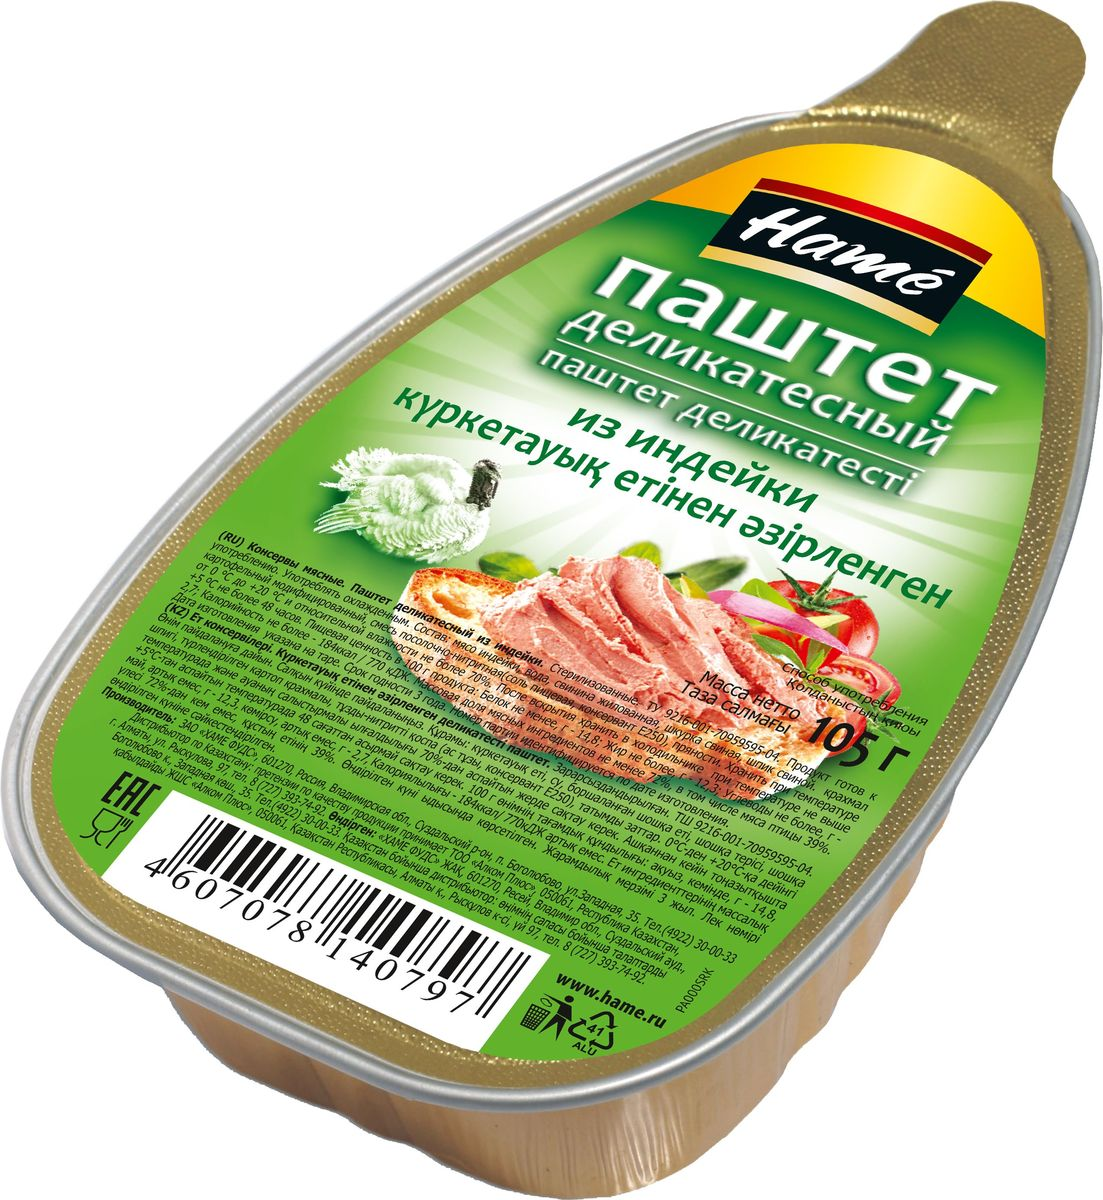 Hame паштет деликатесный из индейки, 3 шт по 105 г каперсы nestos в бальзамическом уксусе 105 г